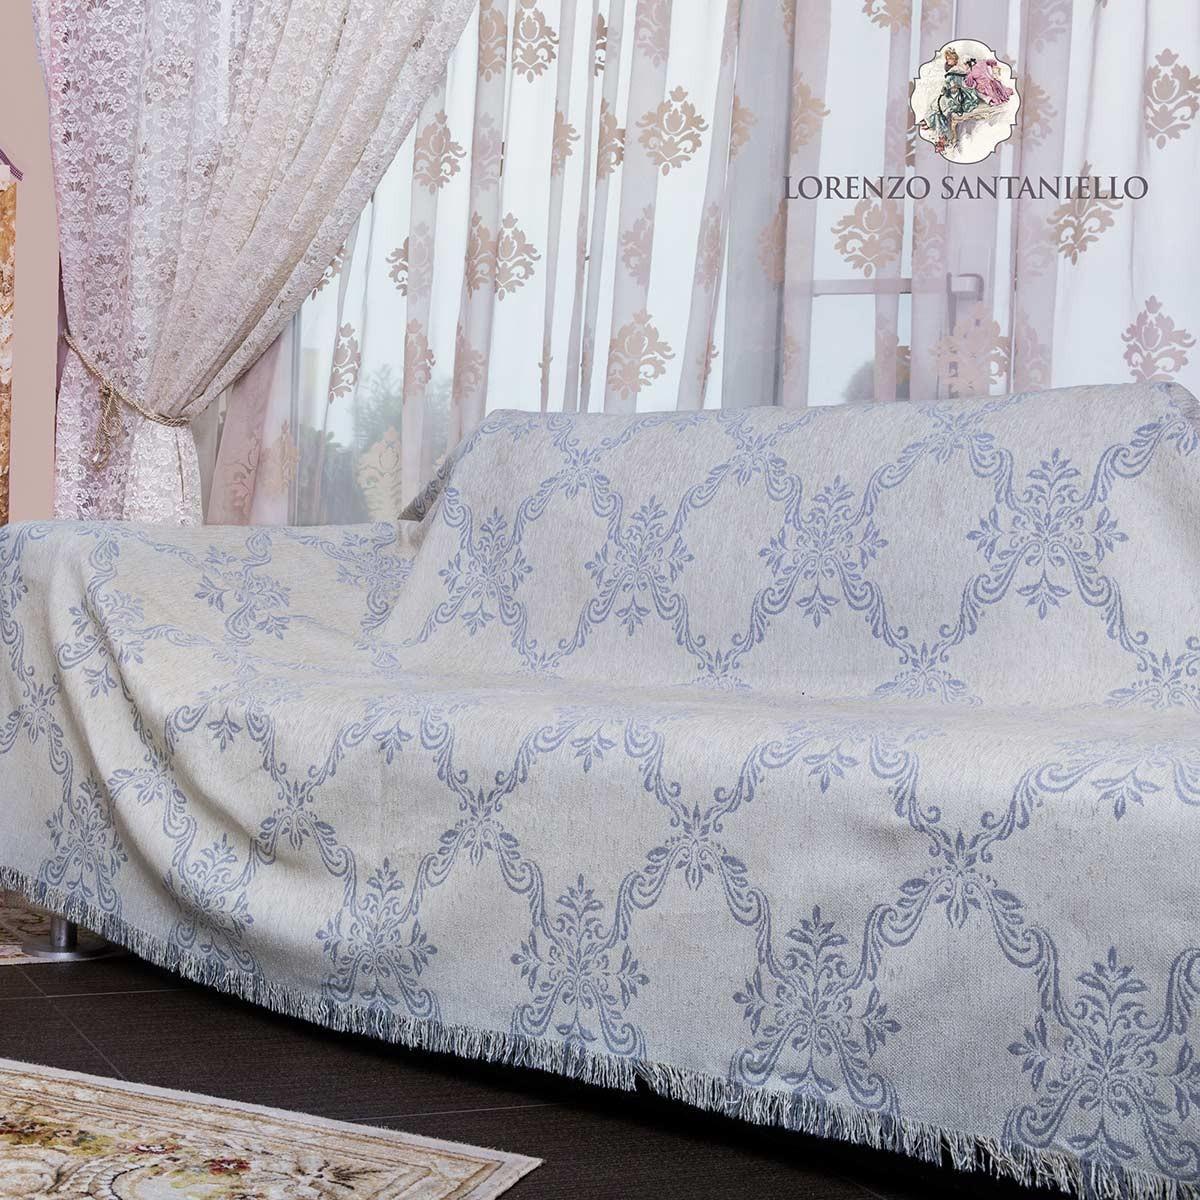 Διακοσμητική Μαξιλαροθήκη Lorenzo Santaniello Baroque Ivory